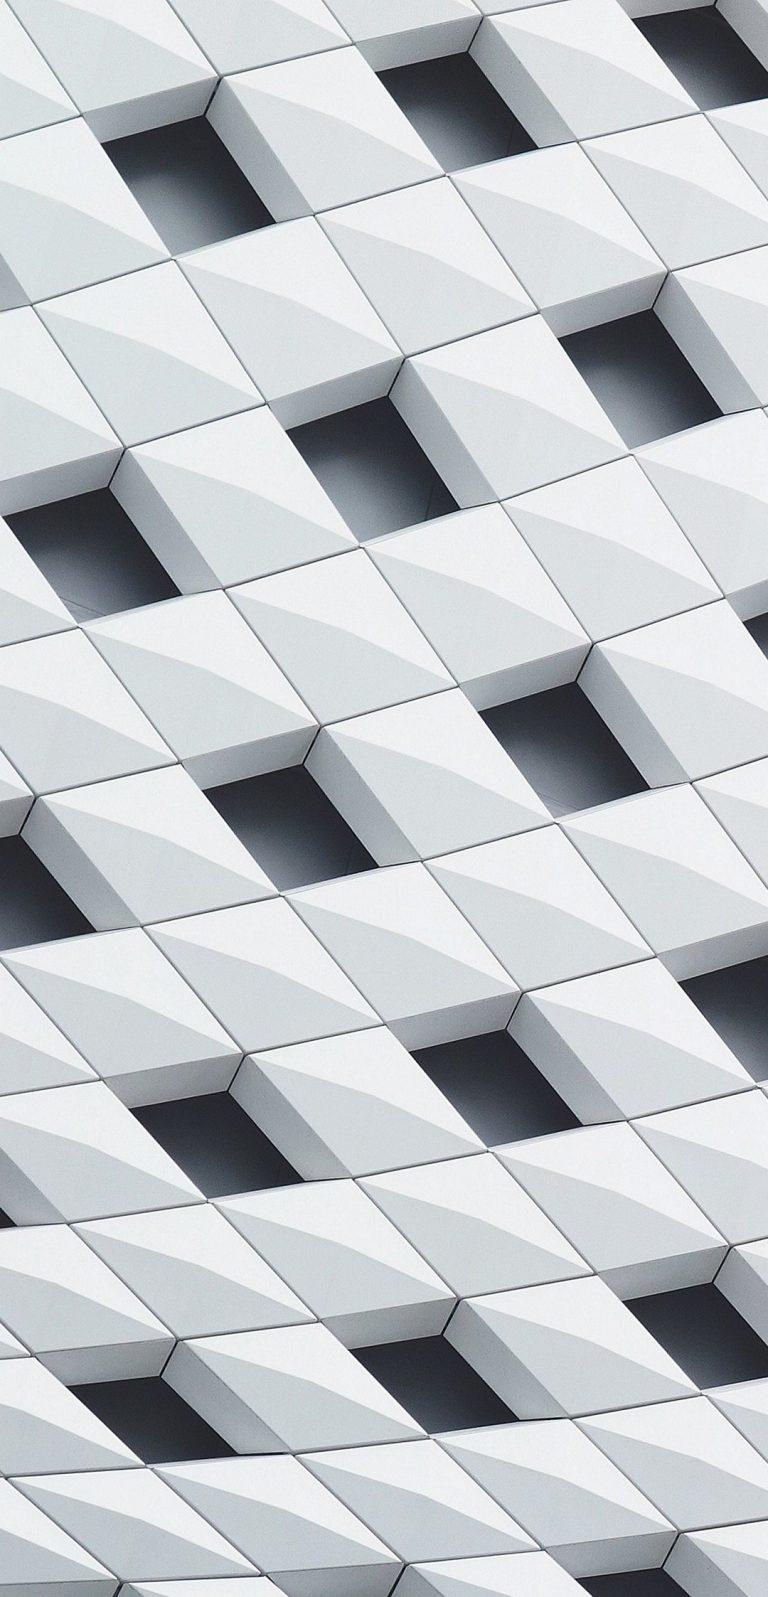 1080x2246 Wallpaper 018 768x1597